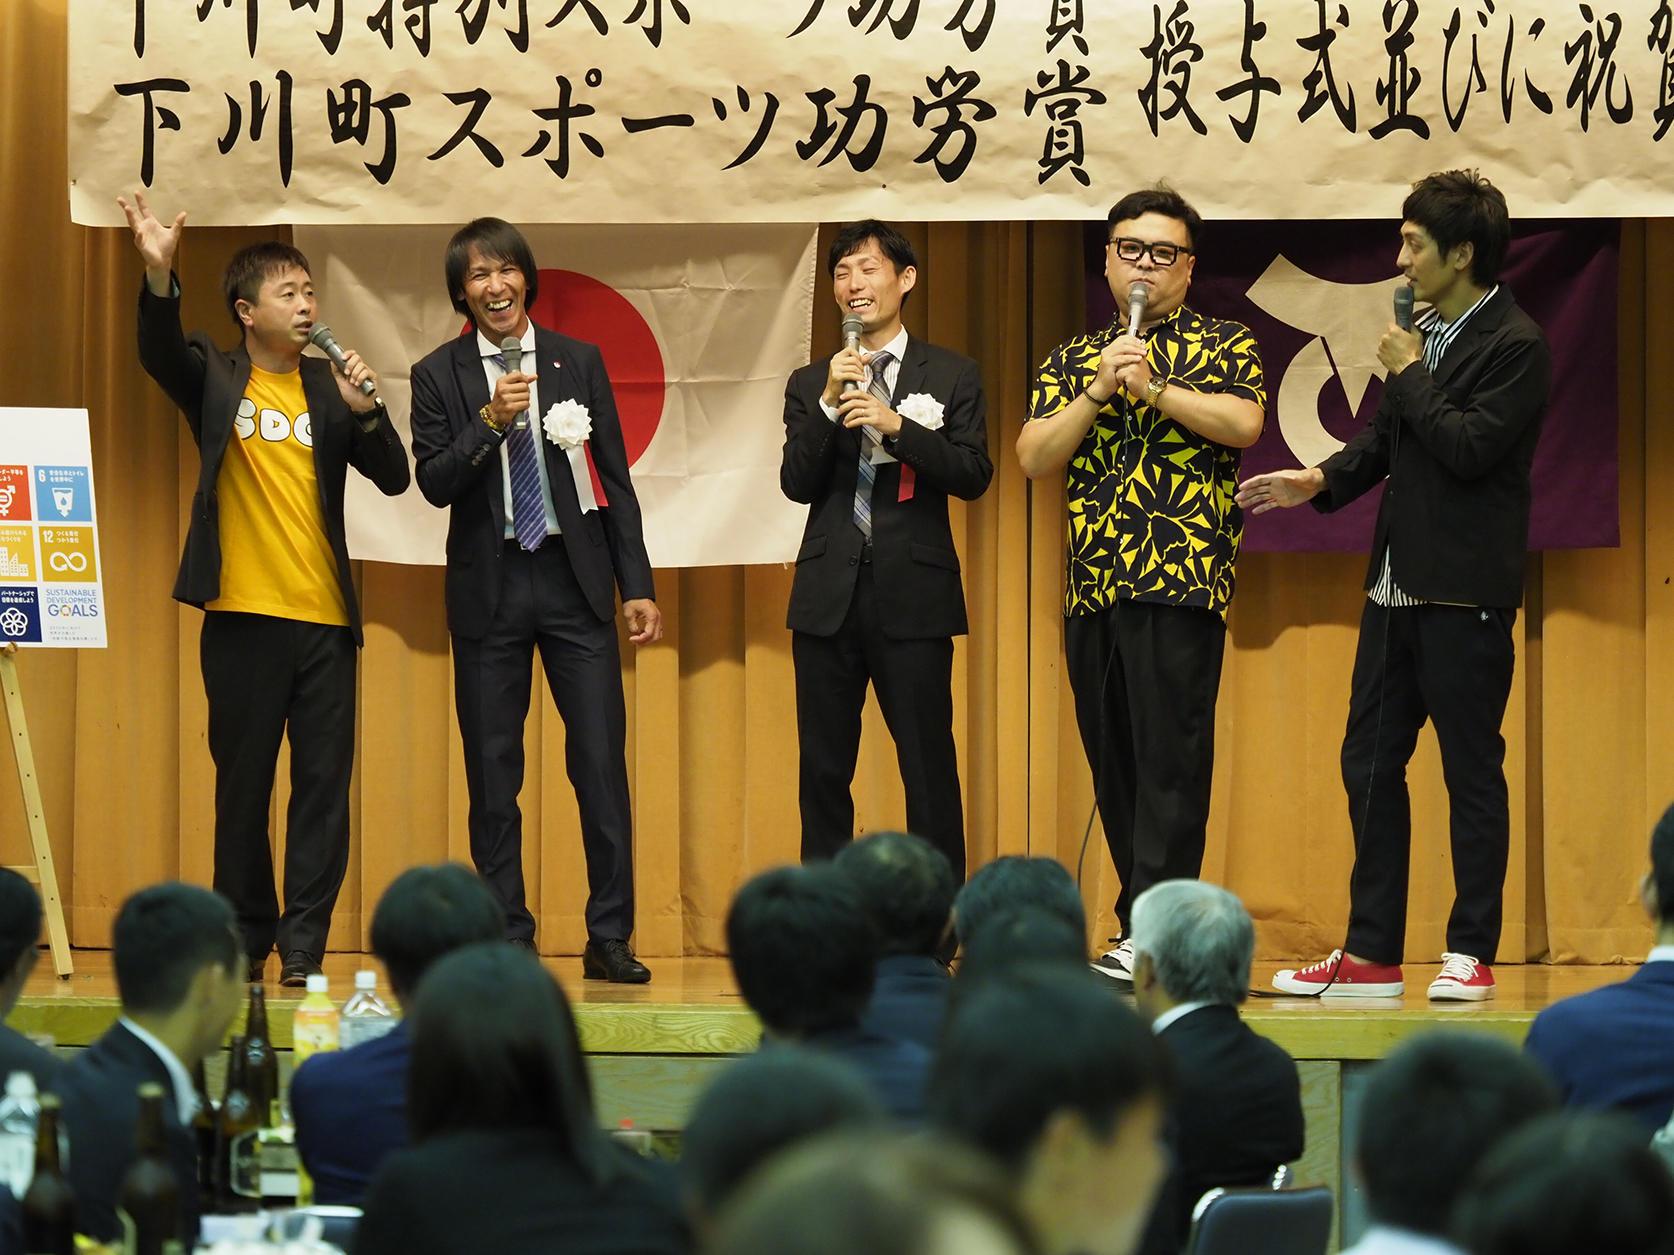 http://news.yoshimoto.co.jp/20180728172619-80ef21d9caf9fc105676dd16b7da4edd9f5632f8.jpg